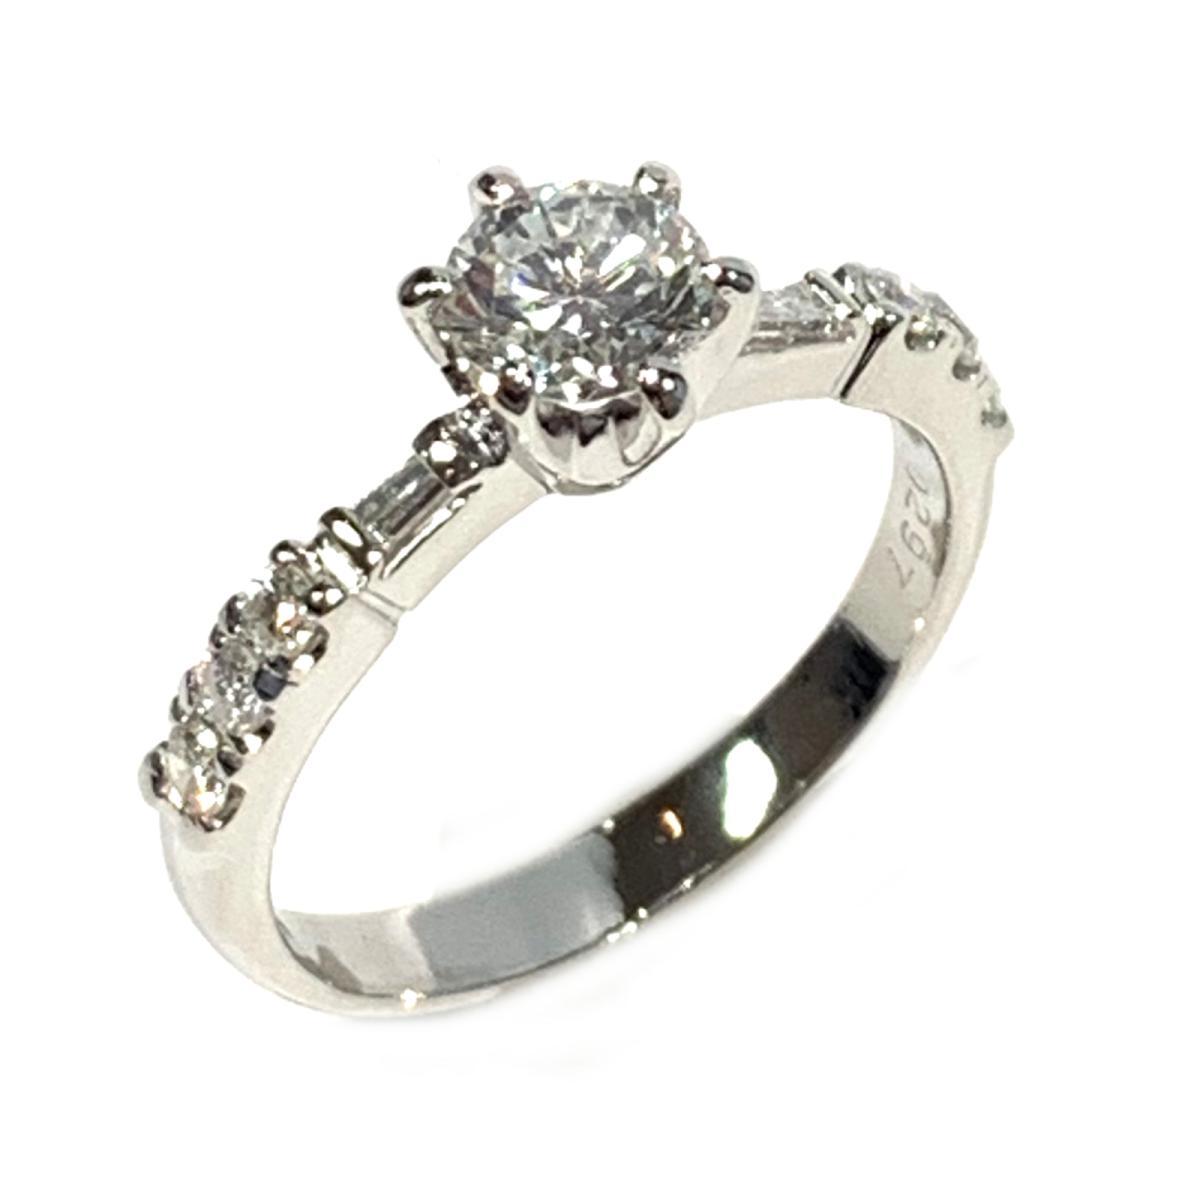 ジュエリー ダイヤモンド リング 指輪 ノーブランドジュエリー レディース PT900 プラチナ x ダイヤ0.67 | JEWELRY BRANDOFF ブランドオフ アクセサリー